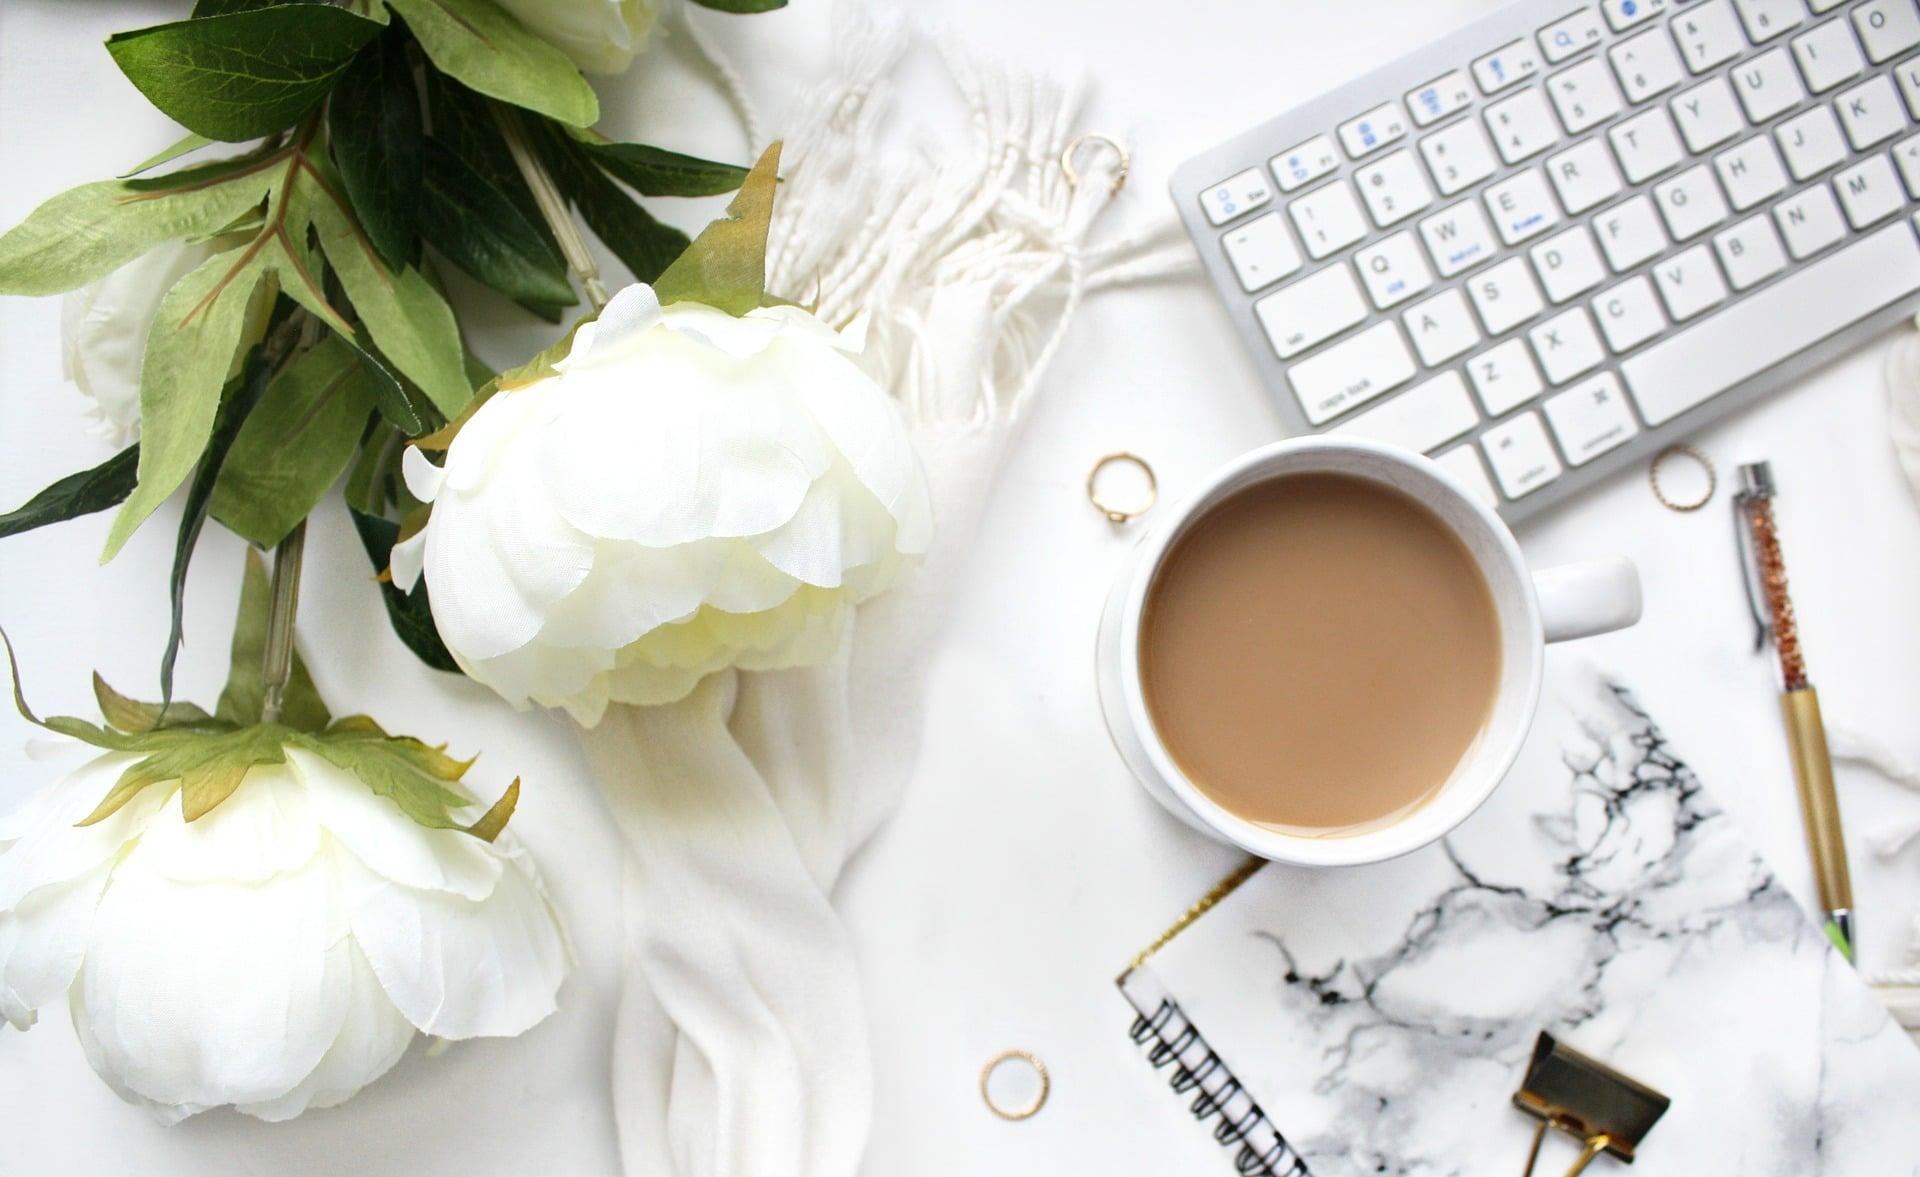 Des pivoines, un clavier, un café d'ordinateur et un stylo posés sur une surface blanche et marbrées